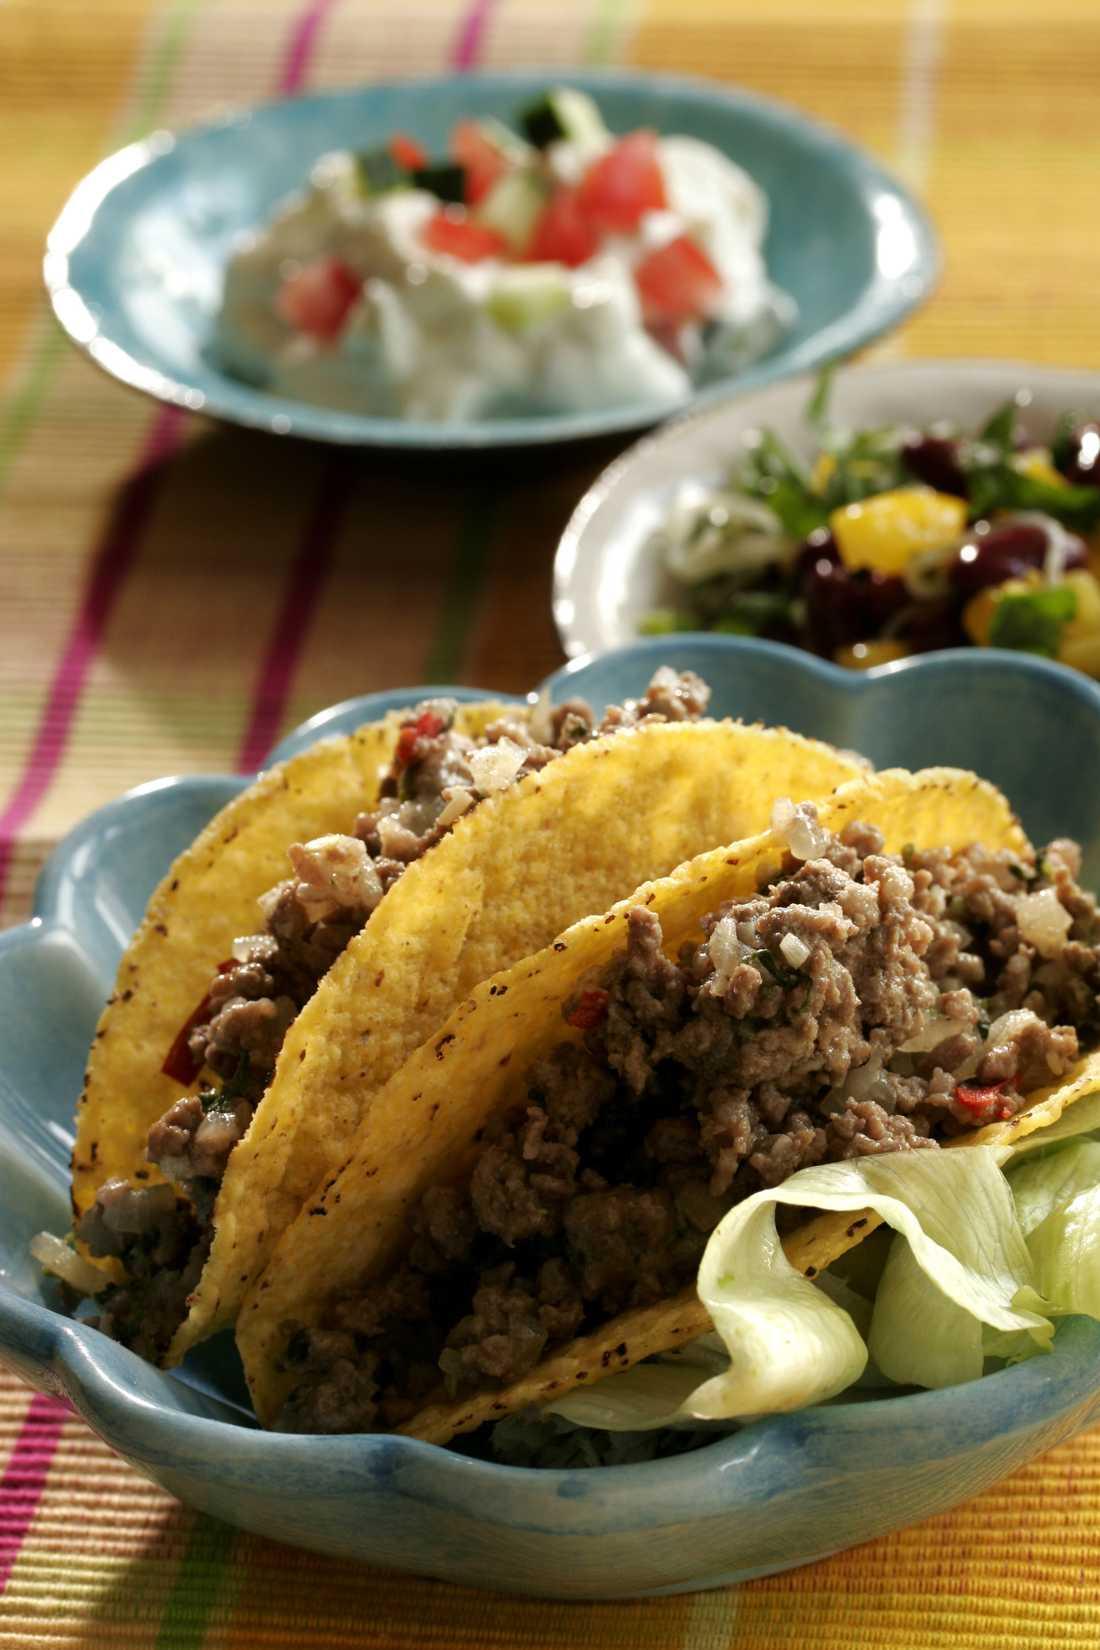 Blir det tacos till middag i helgen? Vincent Arrhenius tipsar om sina favoritviner till tacos-myset.